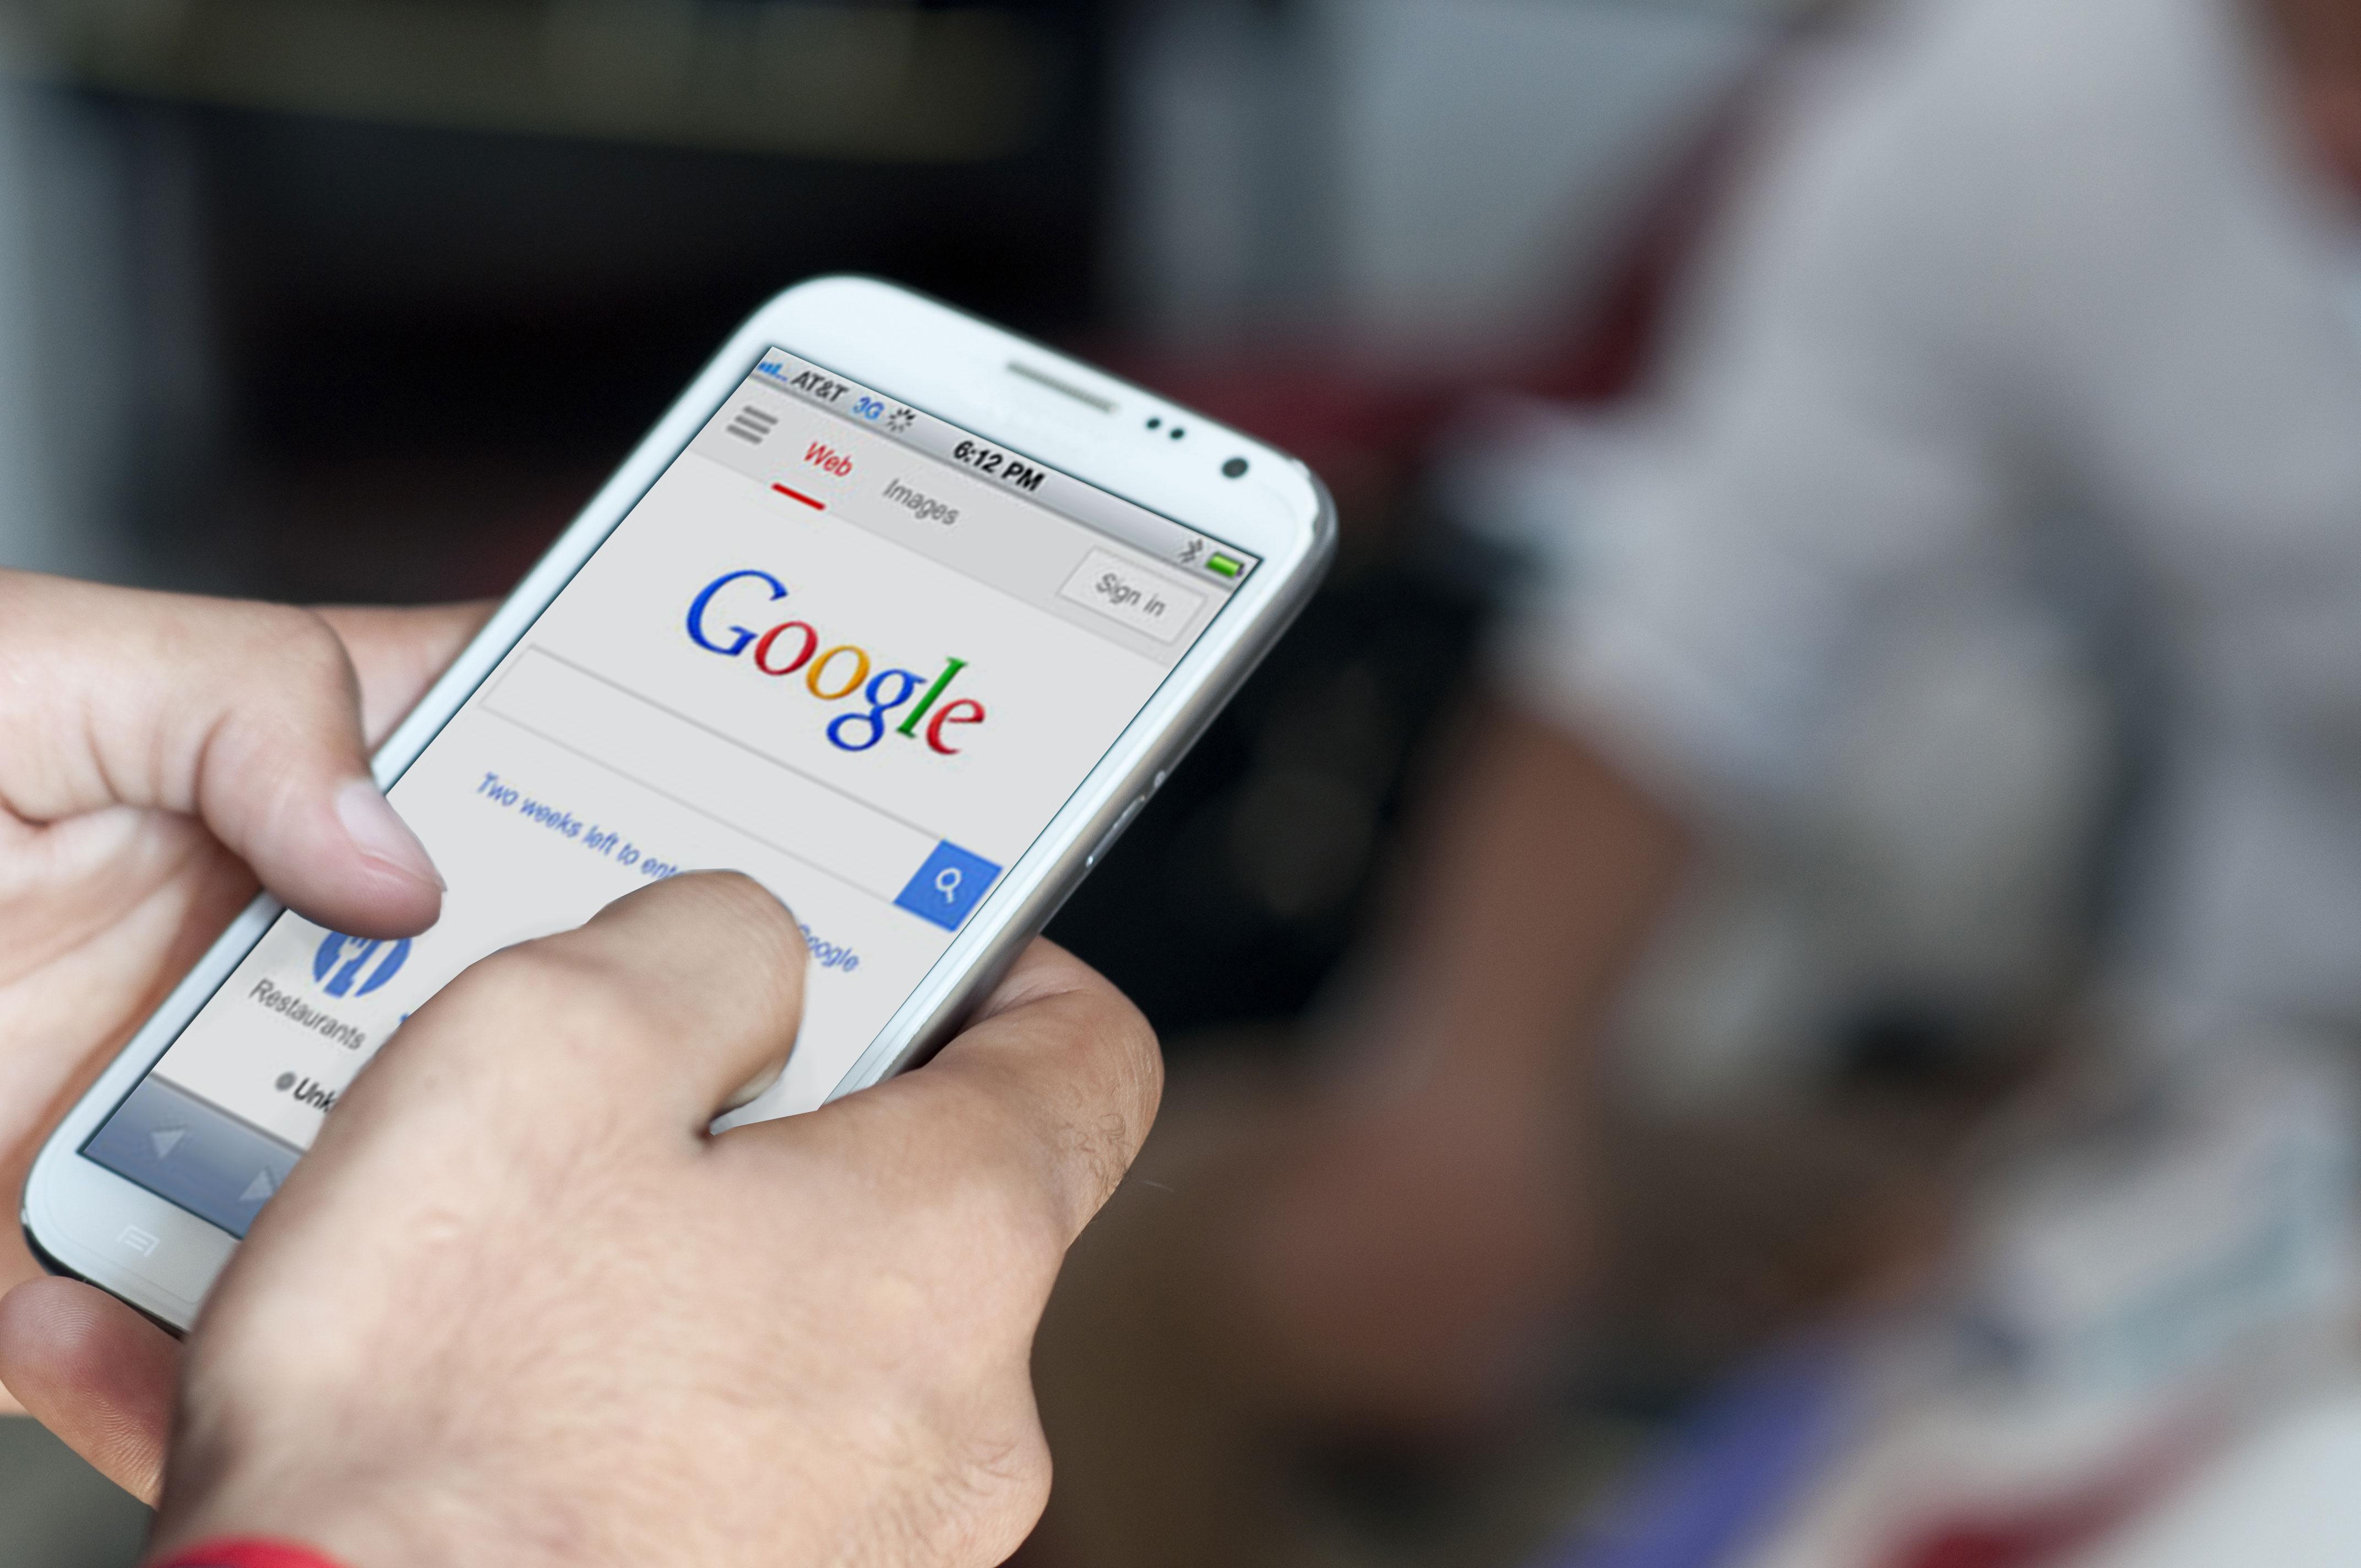 Conoce 16 Curiosidades De Google Que Tal Vez Ignorabas